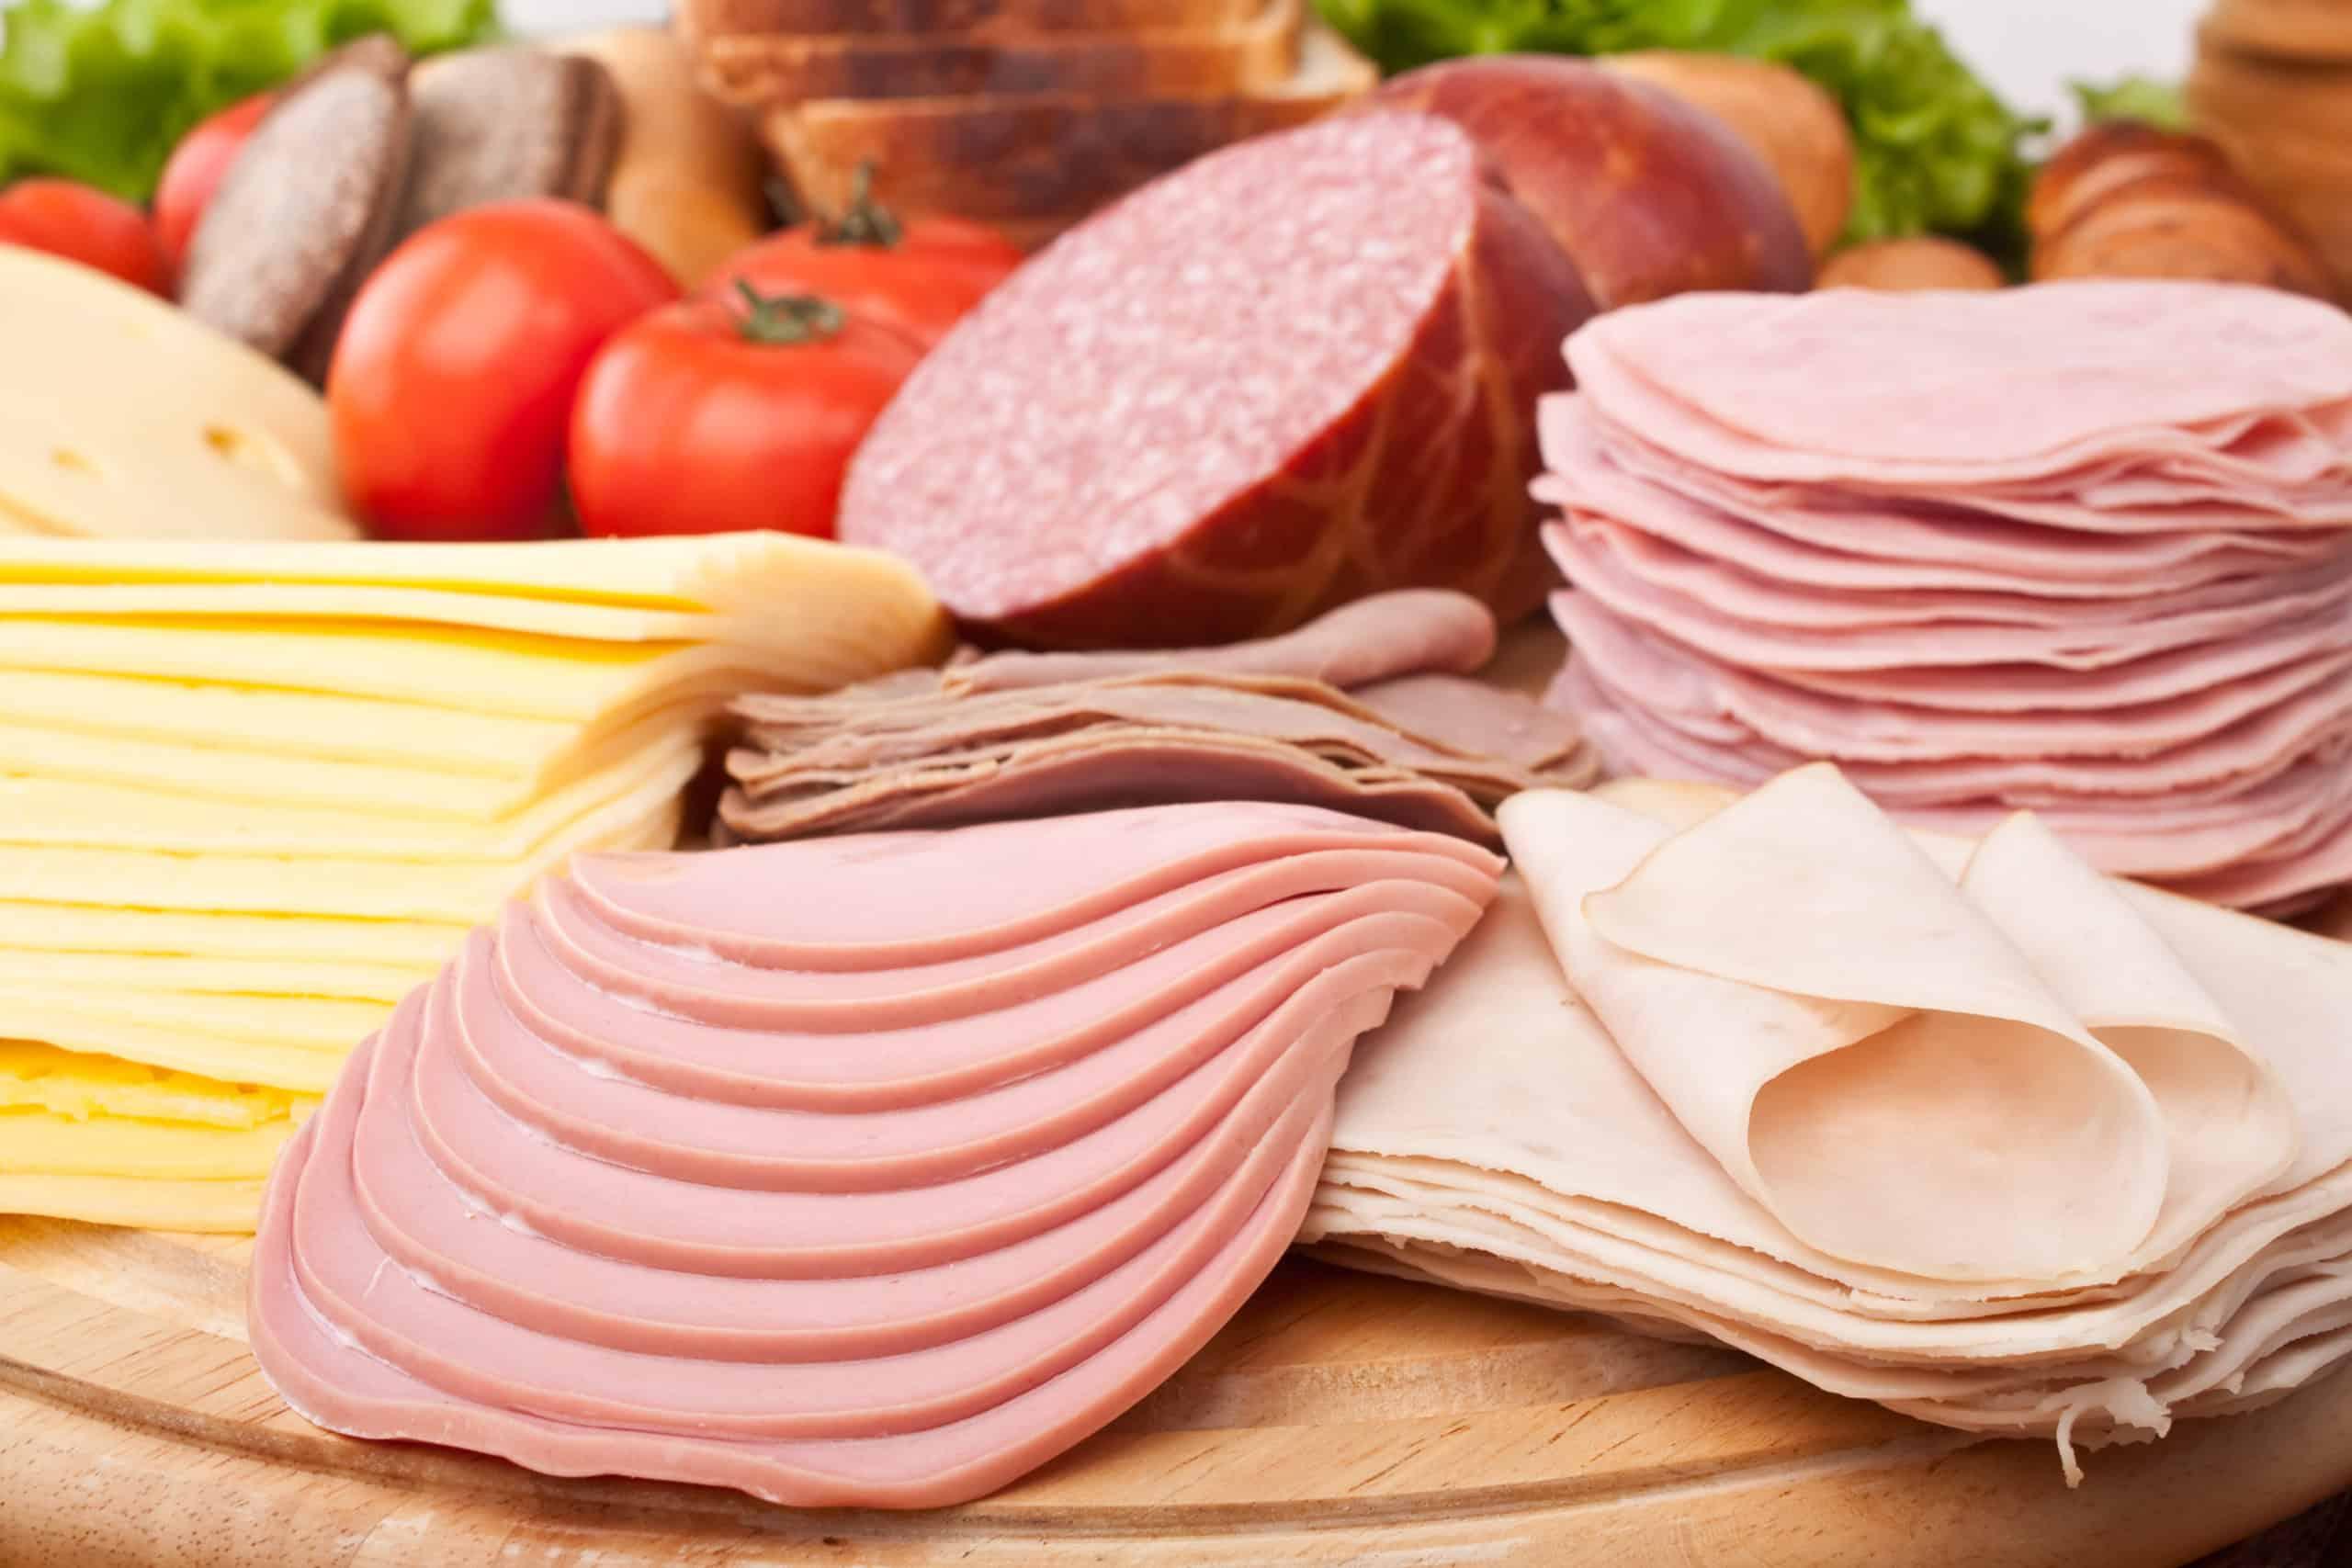 Plastry mięsa oraz sera przygotowane za pomocą krajalnicy